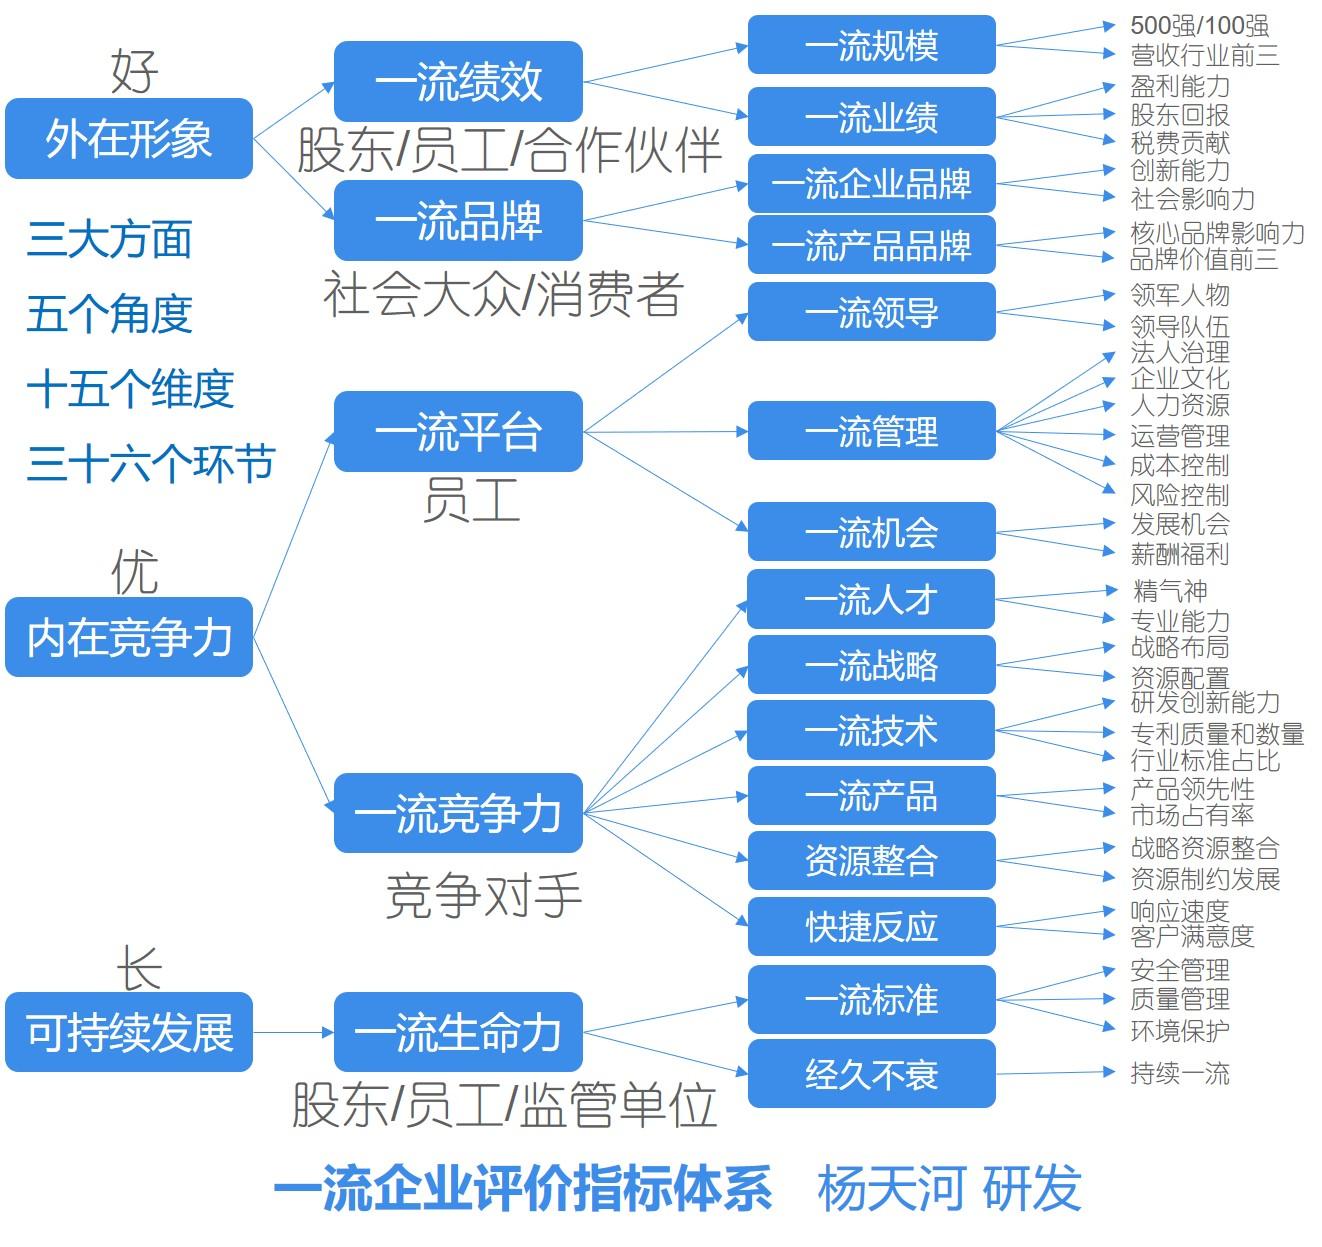 一流企业评价指标体系.jpg